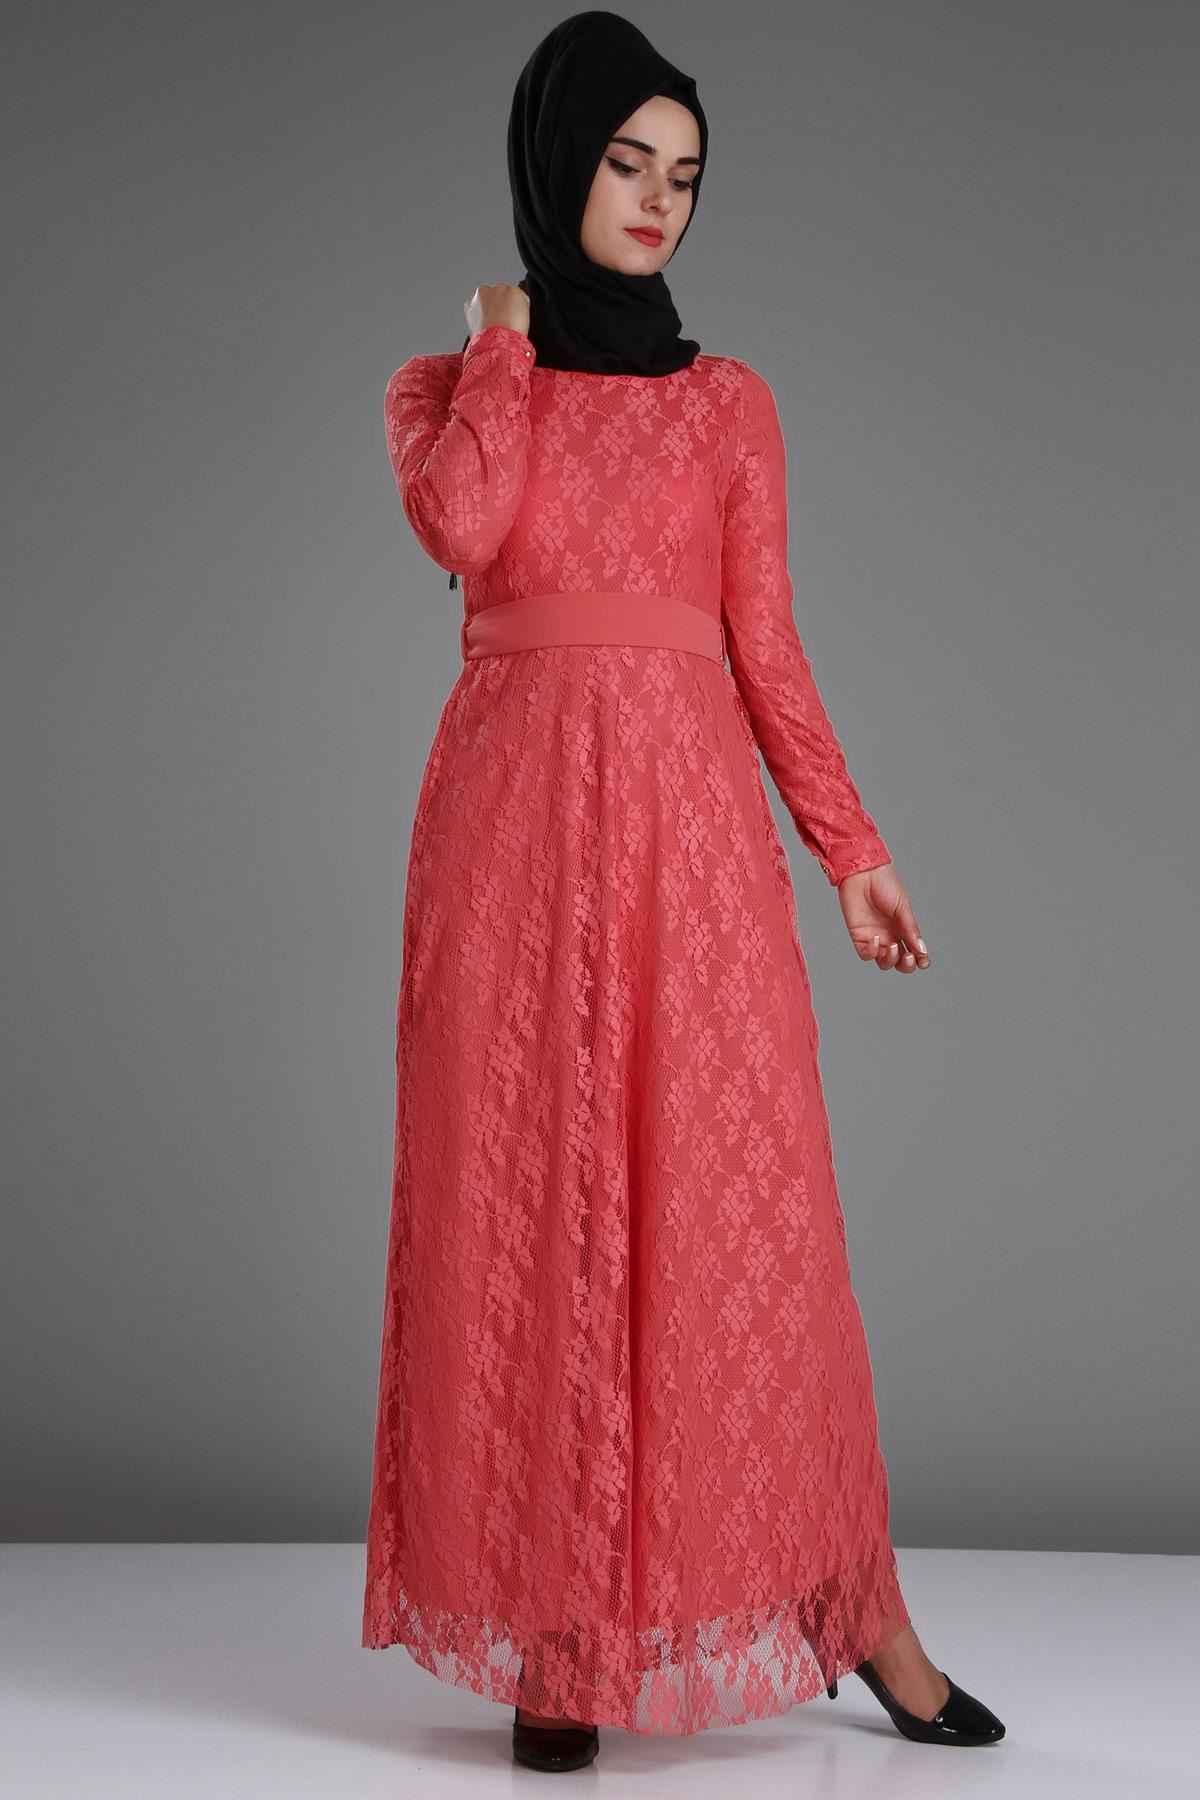 c4b4322e4caaf Patırtı Dantelli Tesettür Abiye Modelleri - Moda Tesettür Giyim